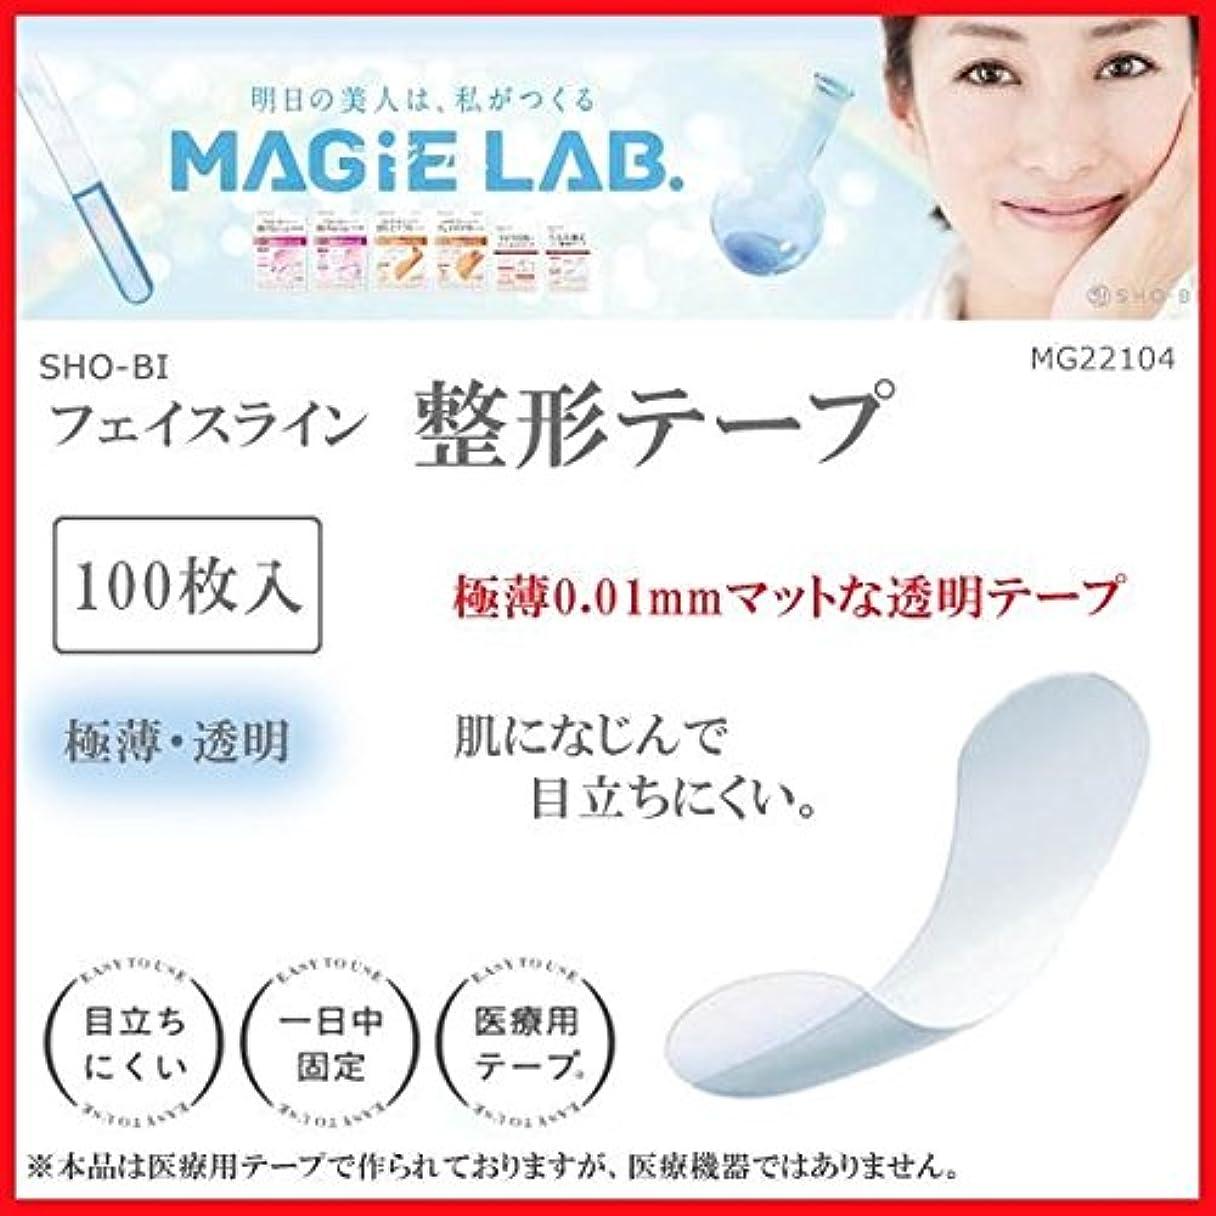 酸っぱい花に水をやる明らかにするSHO-BI MAGiE LAB.(マジラボ) フェイスライン整形テープ 100枚入 MG22104